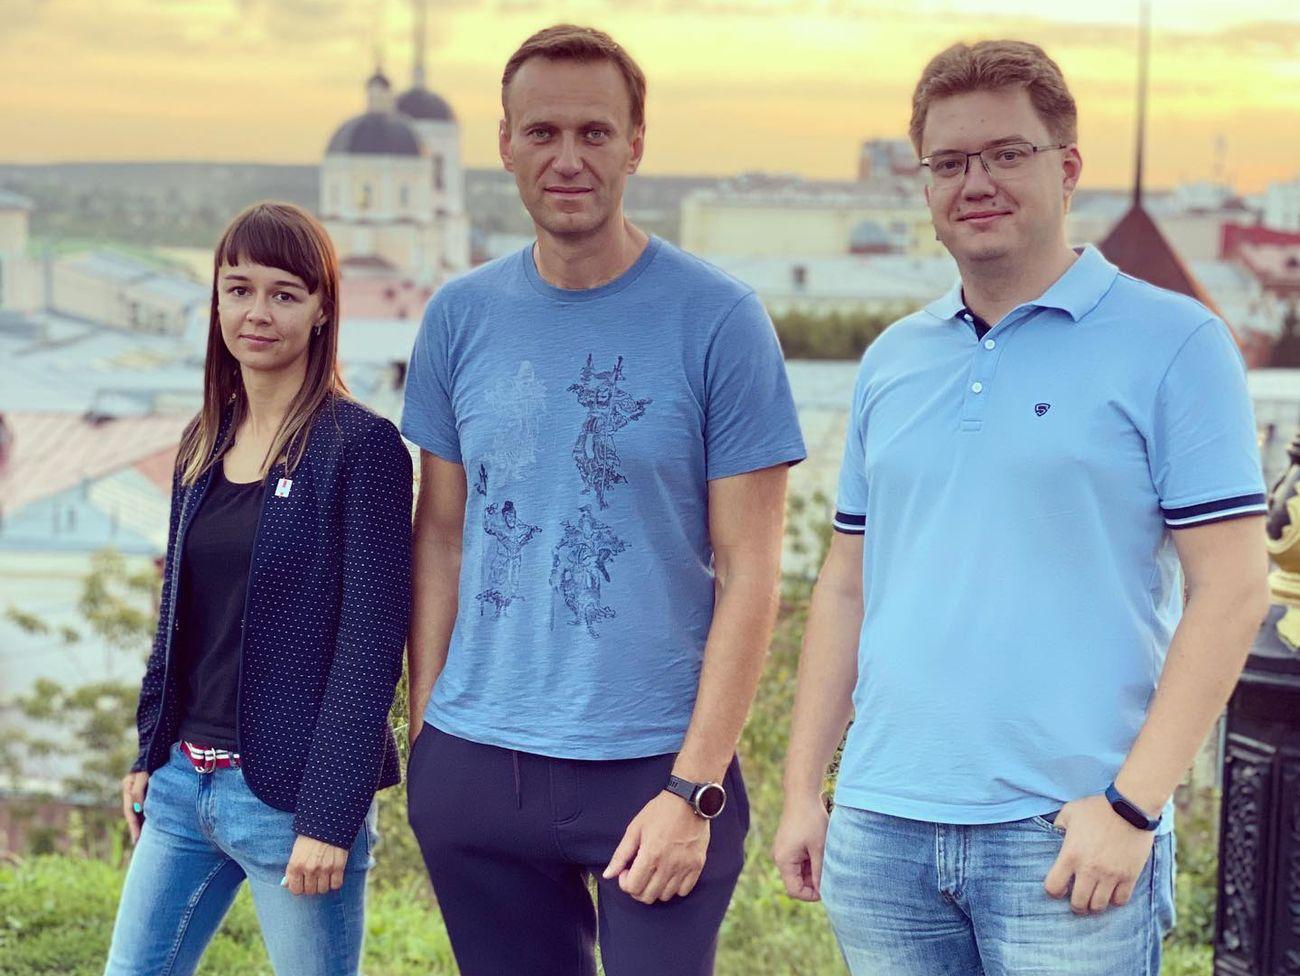 Кира Ярмыш подняла ор по поводу требований омских полицейских по досмотру багажа Навального